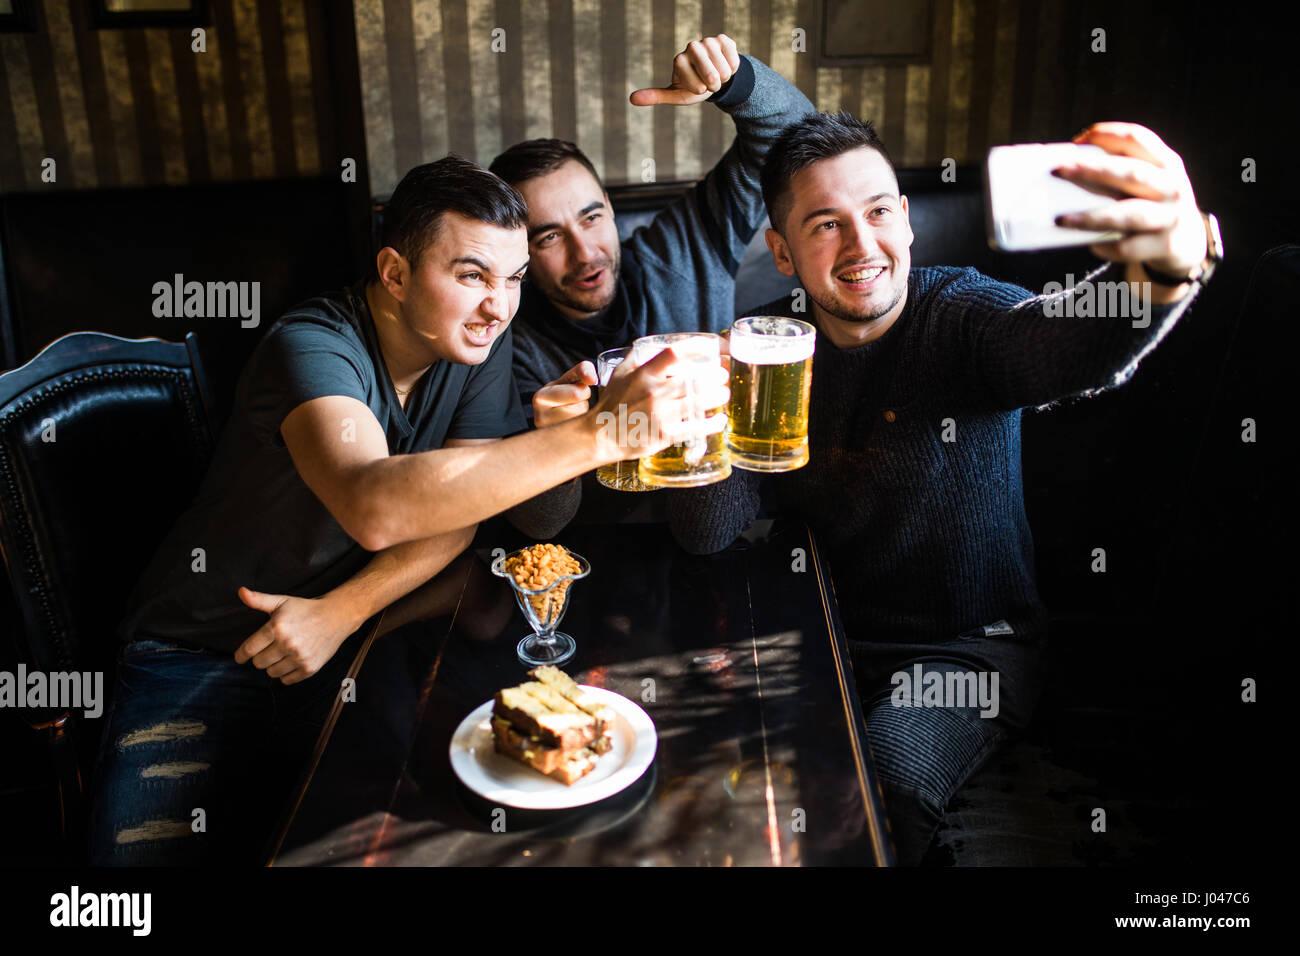 Leute, Freizeit, Freundschaft, Technologie und Party-Konzept - glücklich männlichen Freunden nehmen Selfie Stockbild